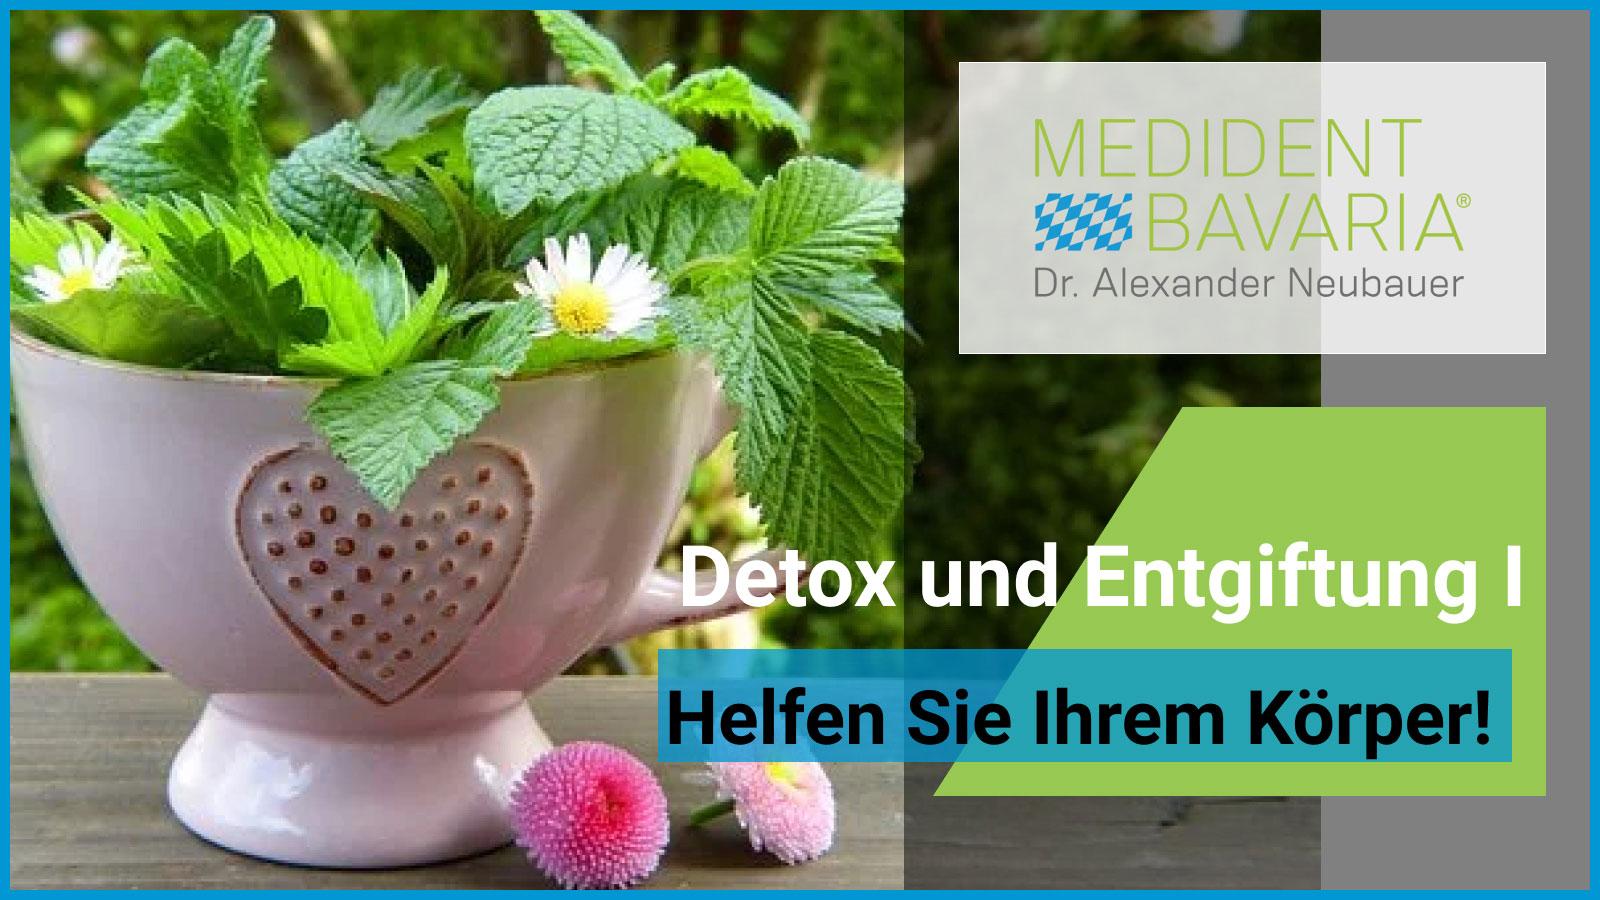 Detox und Entgiftung – helfen Sie Ihrem Körper! Teil 1